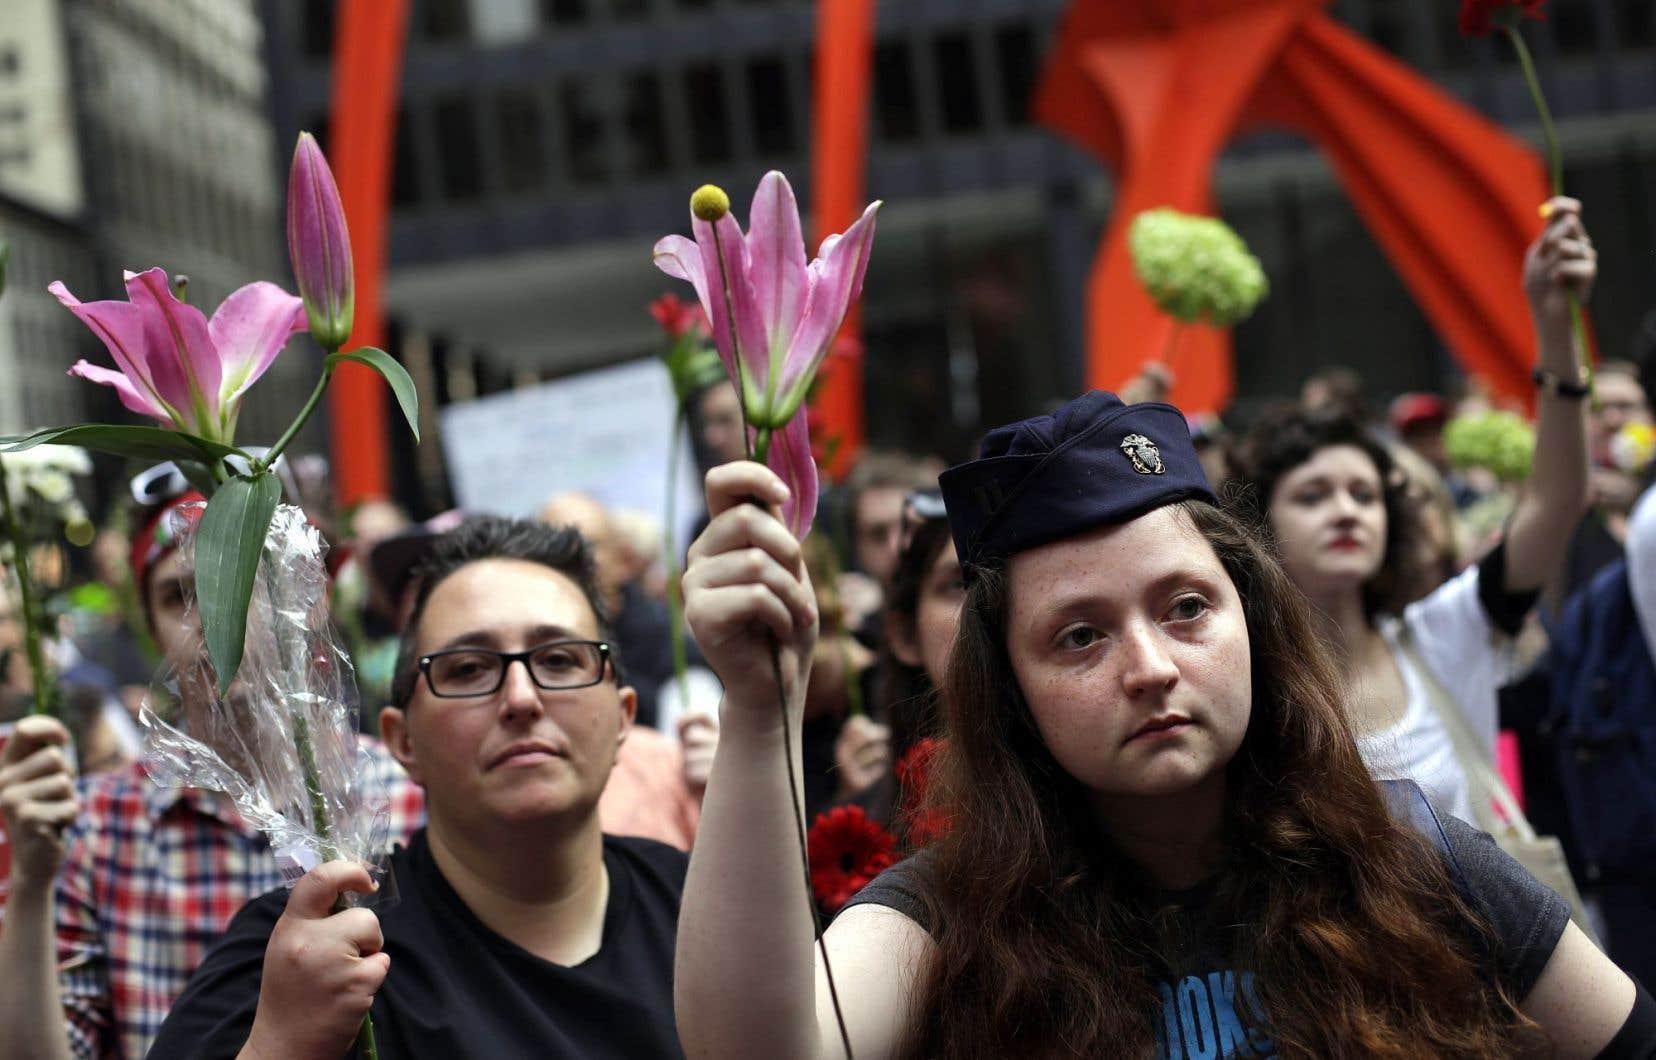 Des rassemblements en mémoire de la femme décédée après l'attaque ont eu lieu aux États-Unis dimanche, comme ici à Chicago.